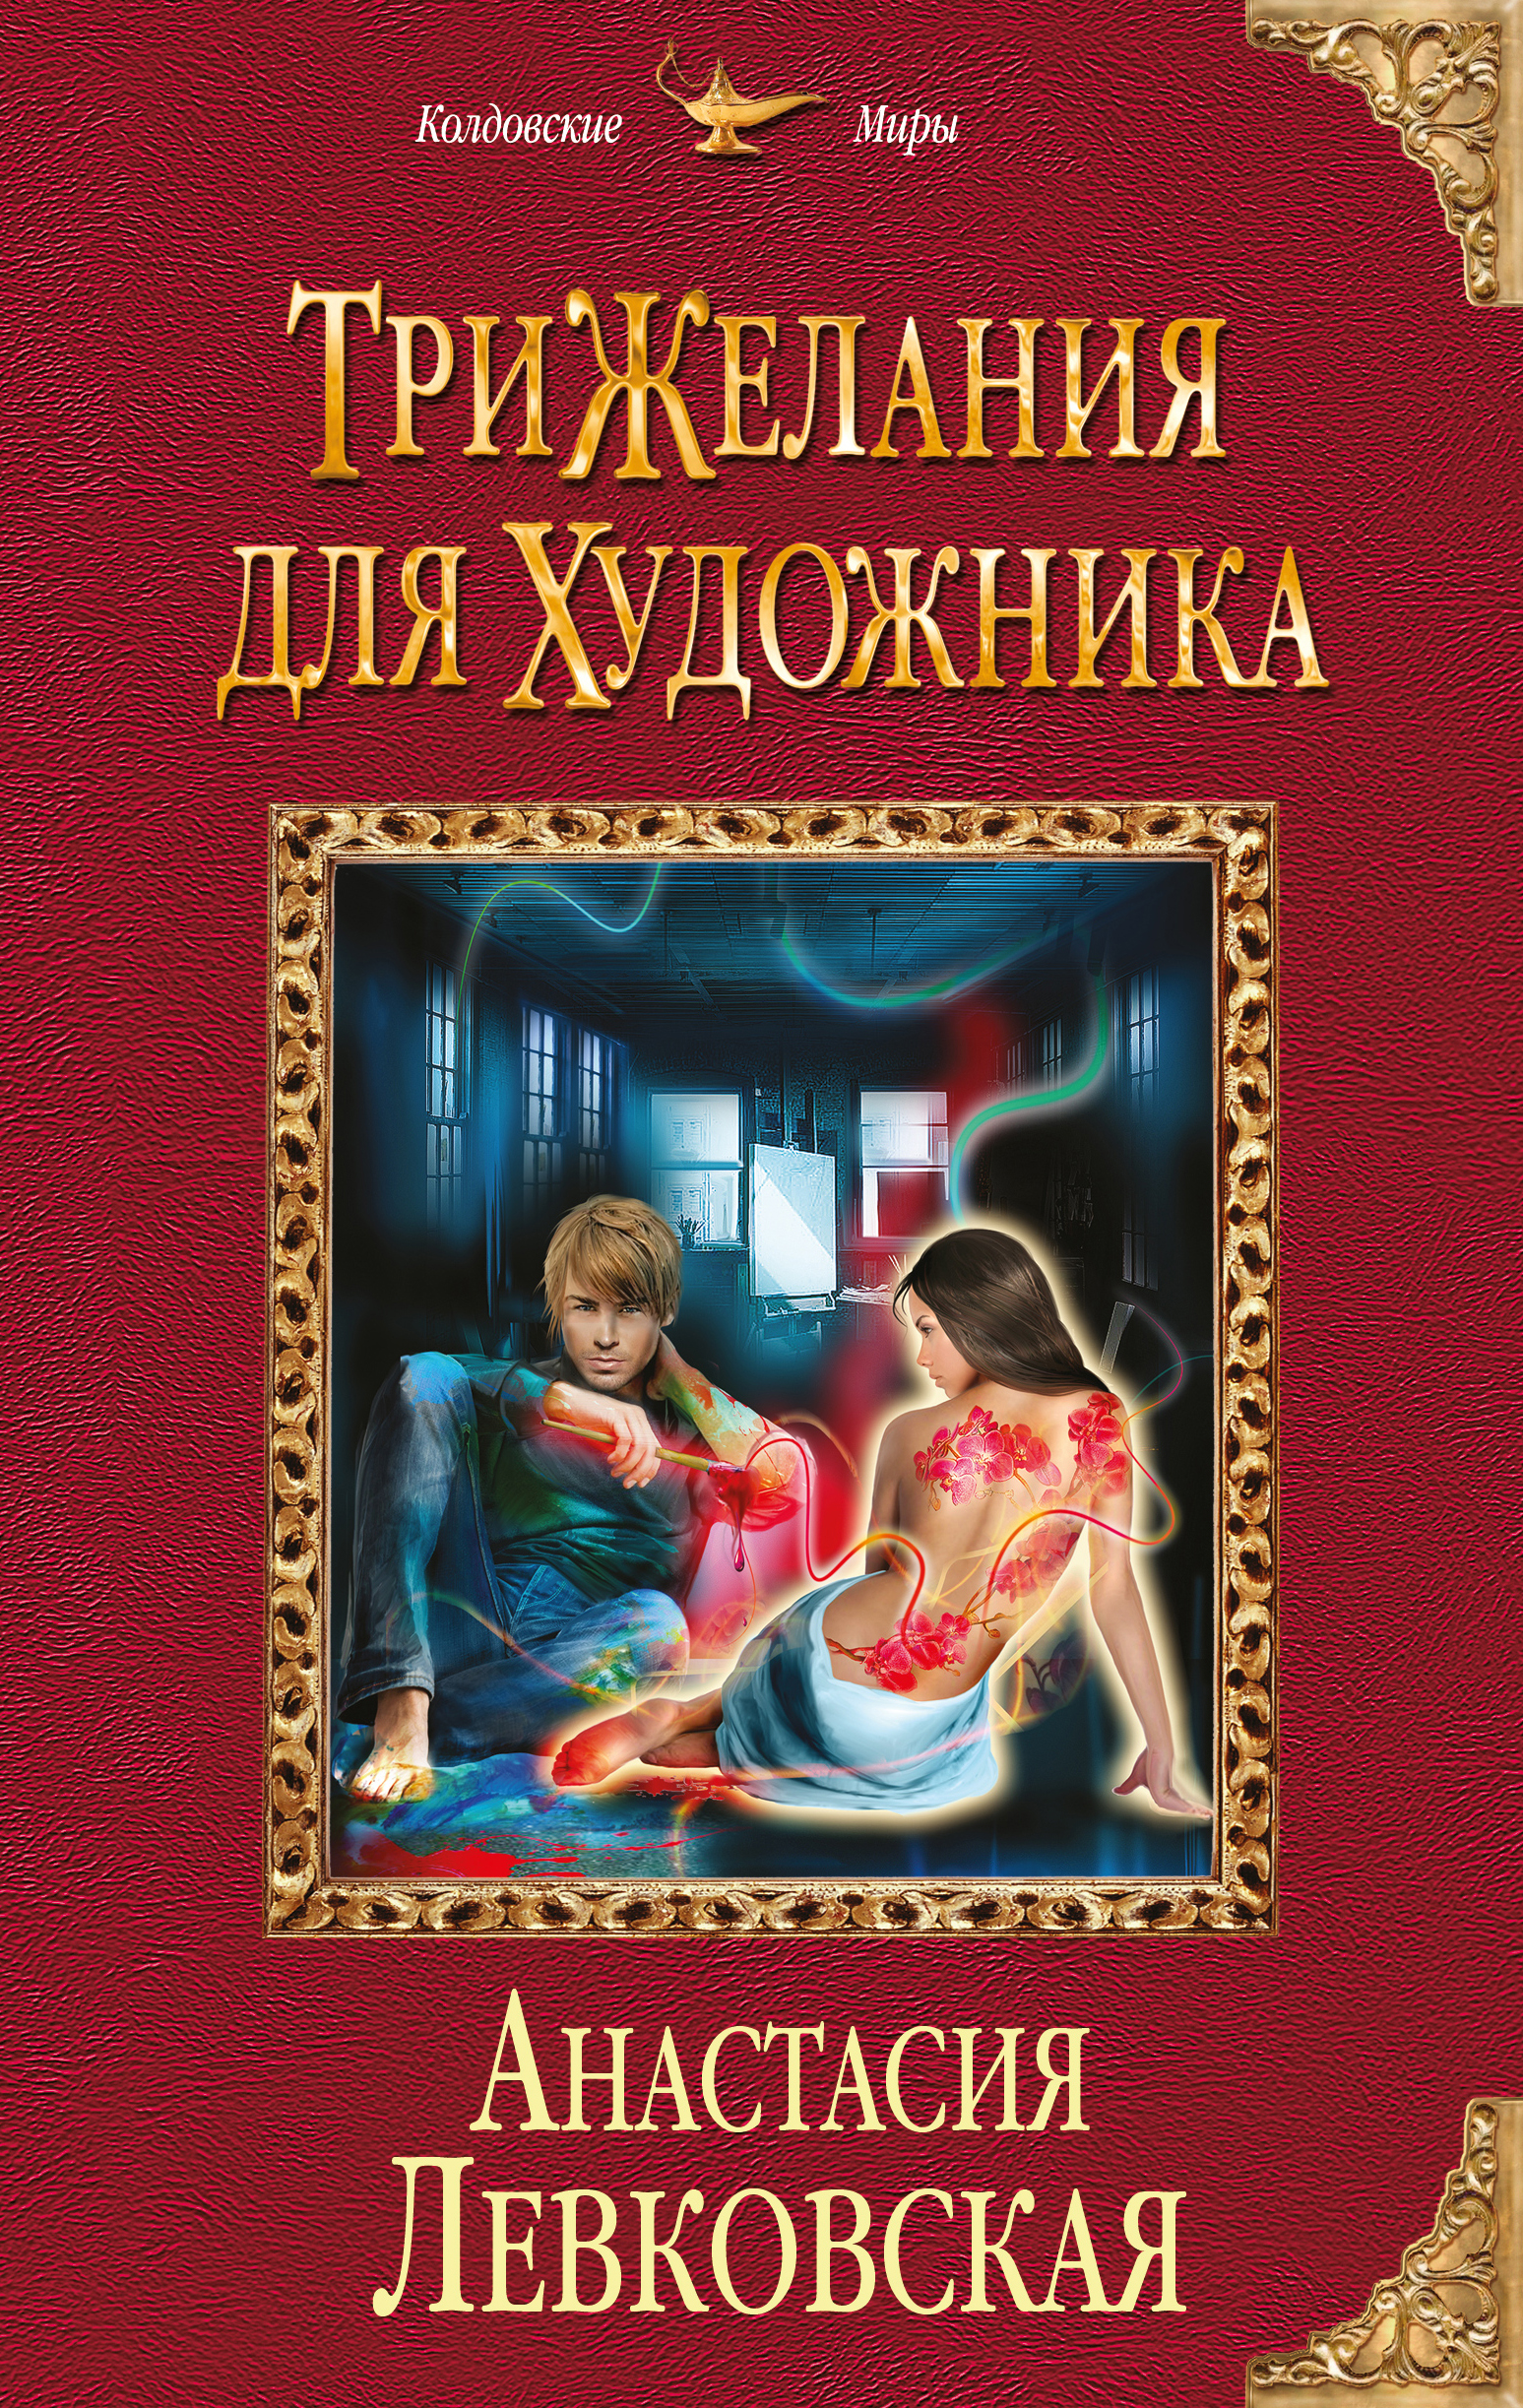 Анастасия Левковская Три желания для художника диплом сертификат на исполнение заветного желания женщине